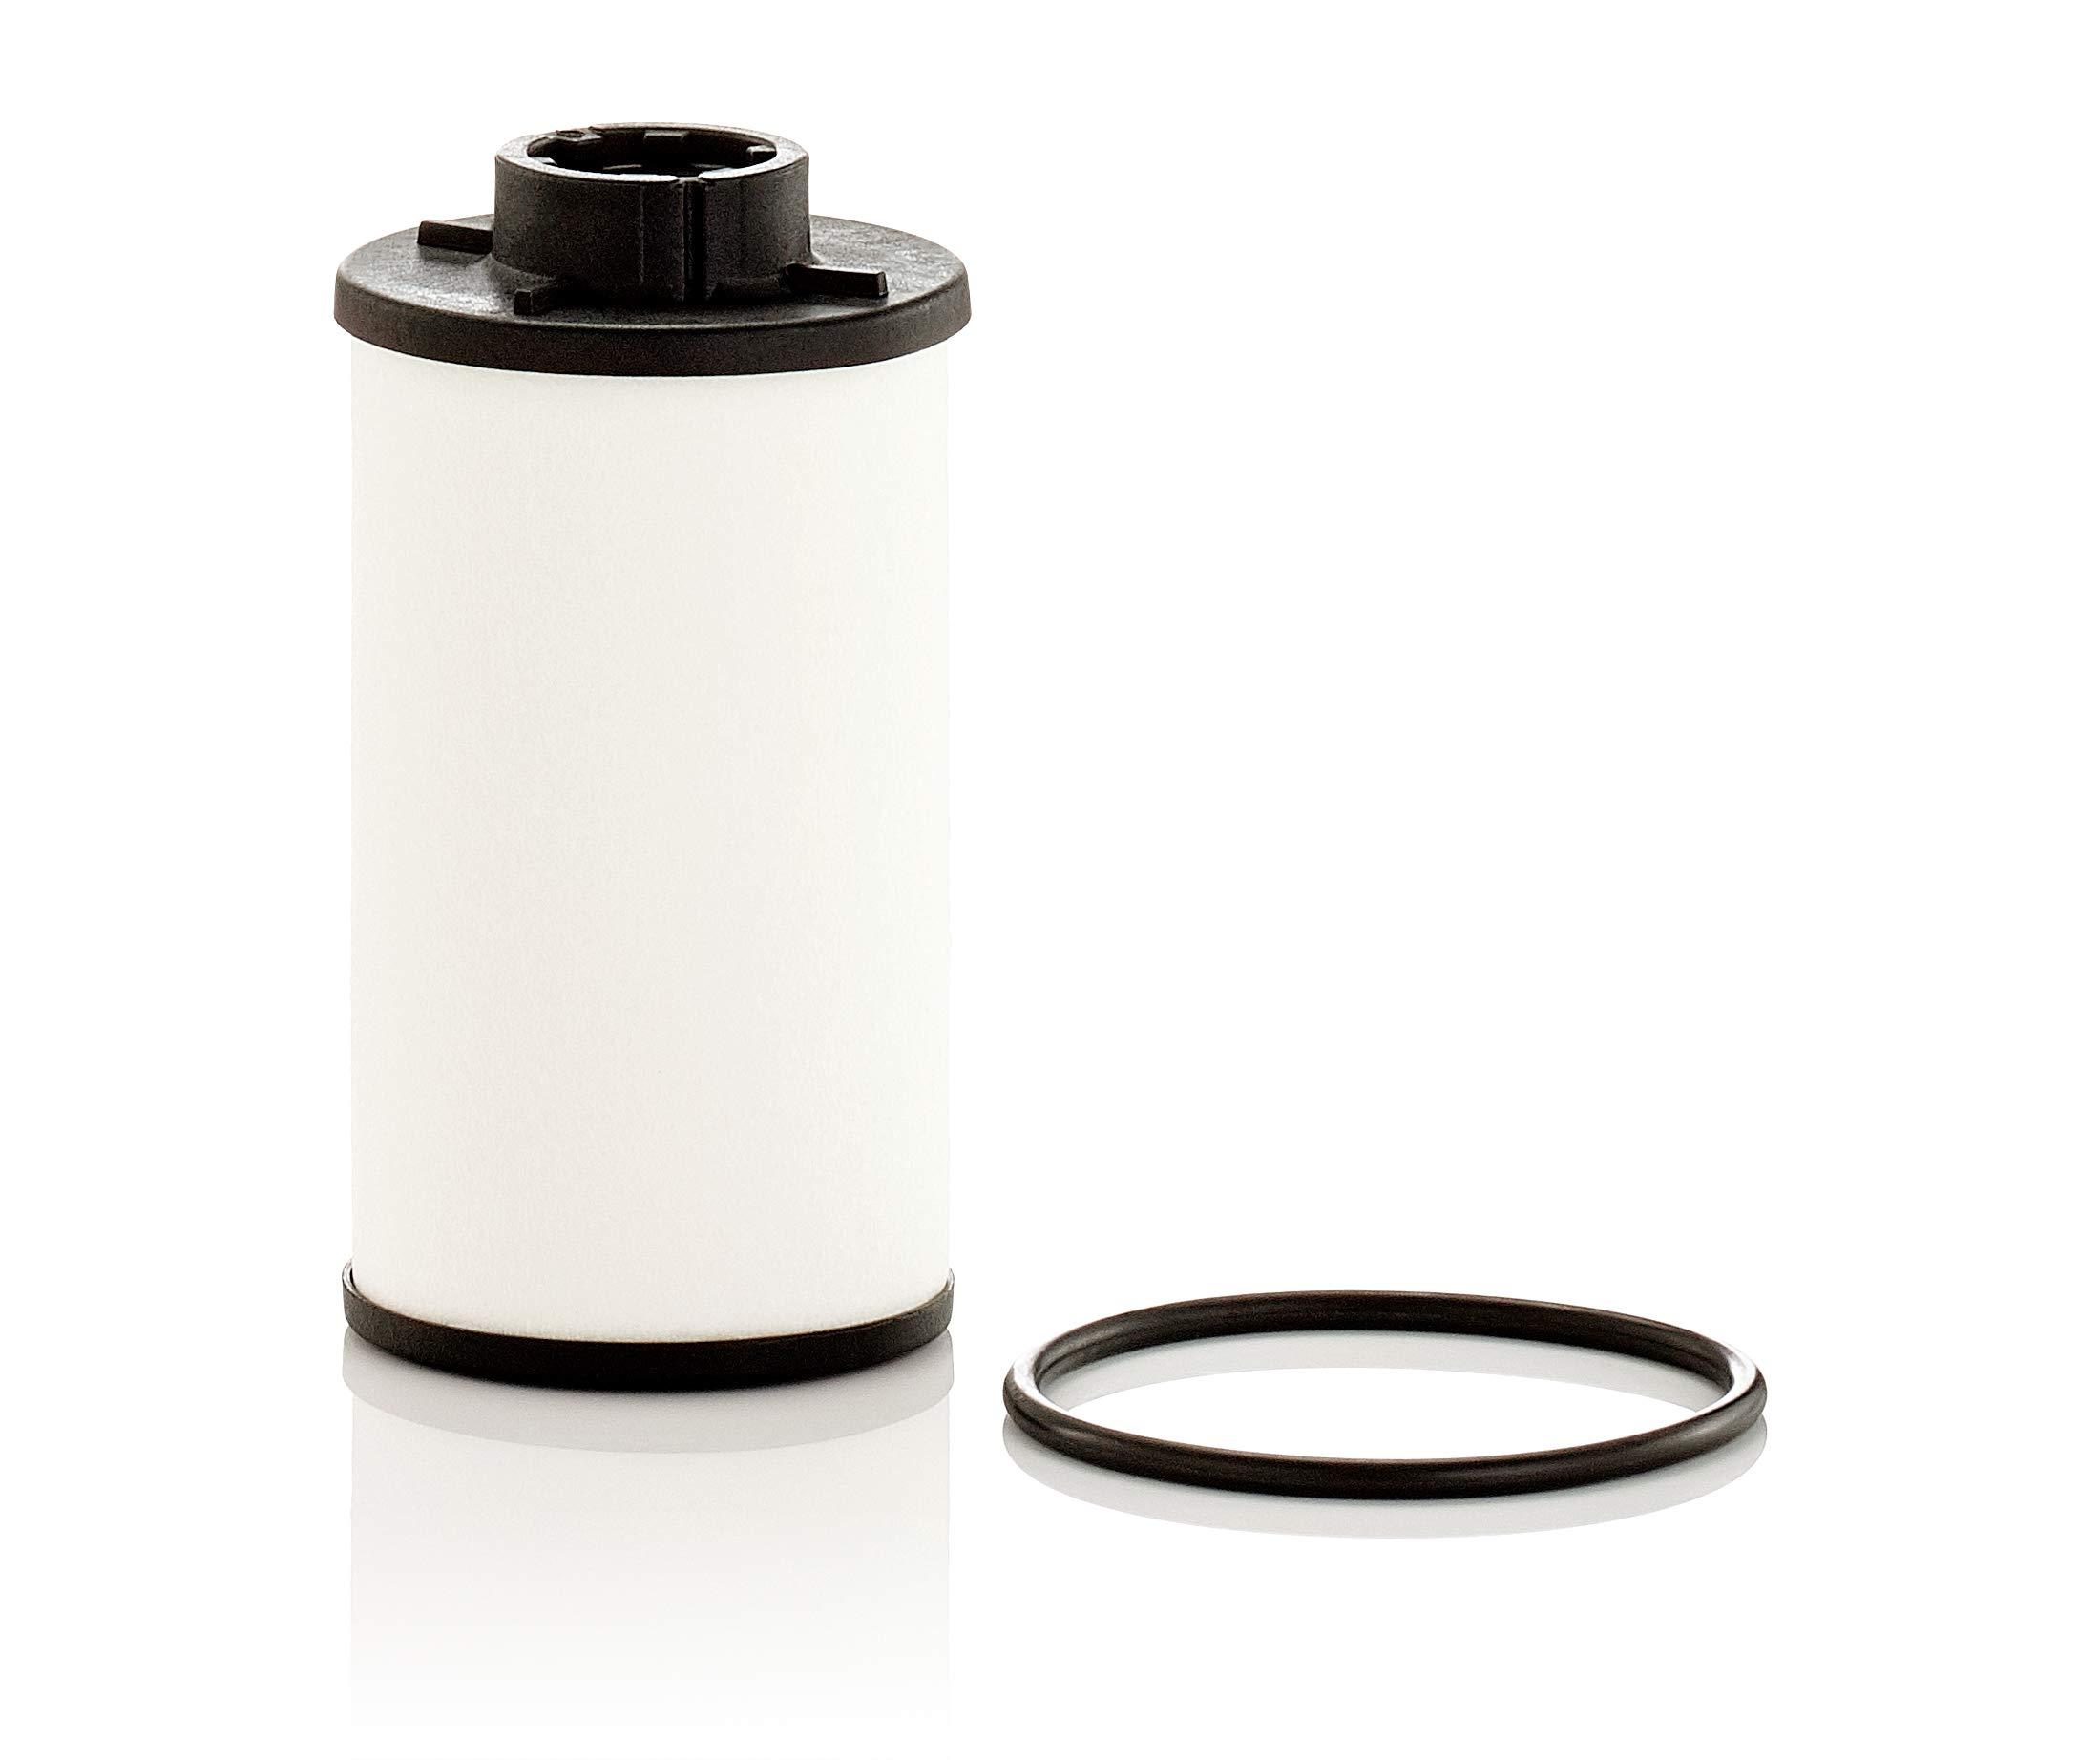 Original MANN-FILTER Oil filter H 6003 z – Transmission filter set with gasket / gasket set – For Passenger Cars